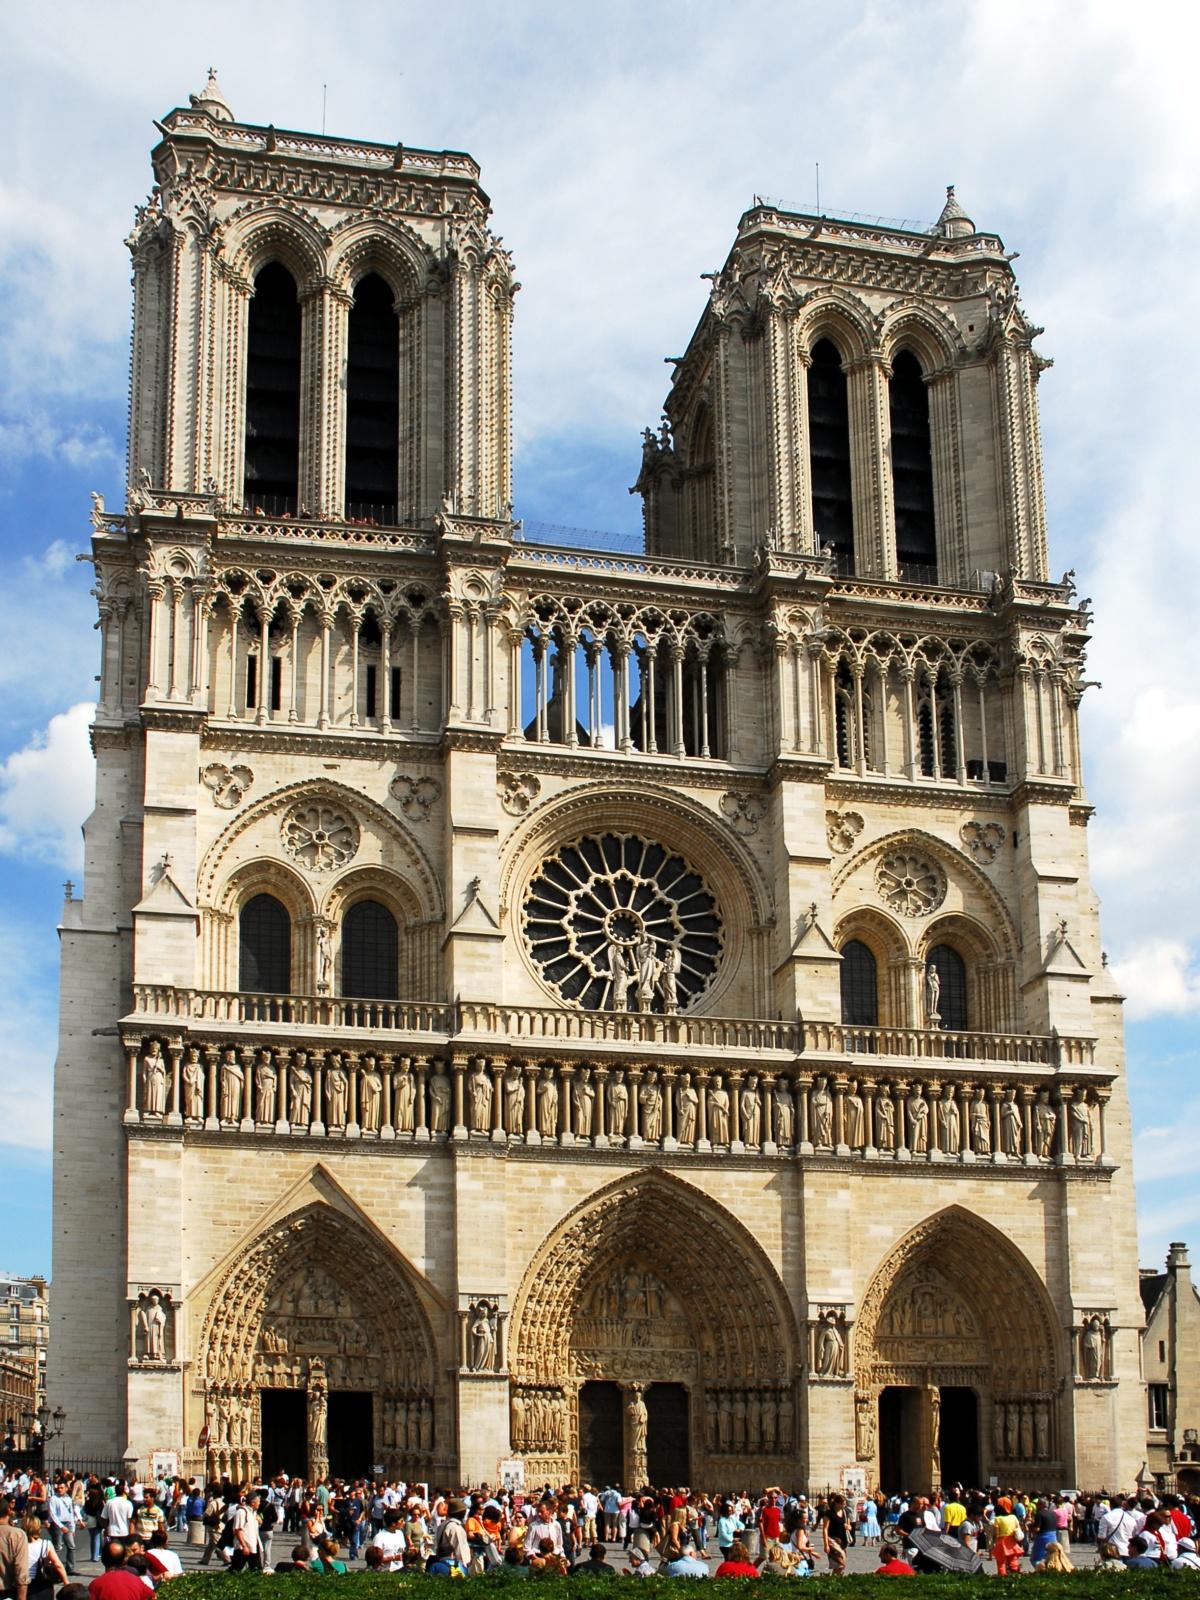 060806-france-paris-notre_dame.jpg